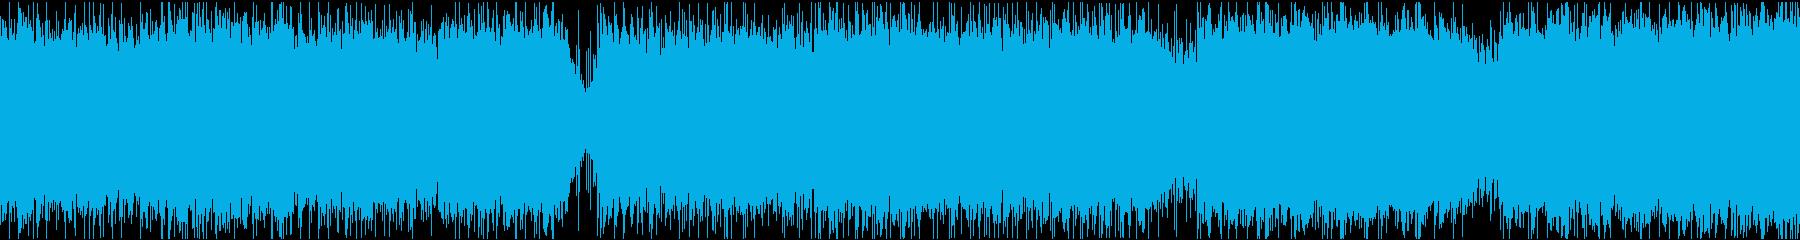 【ループBGM】白翼のシンフォニックメの再生済みの波形